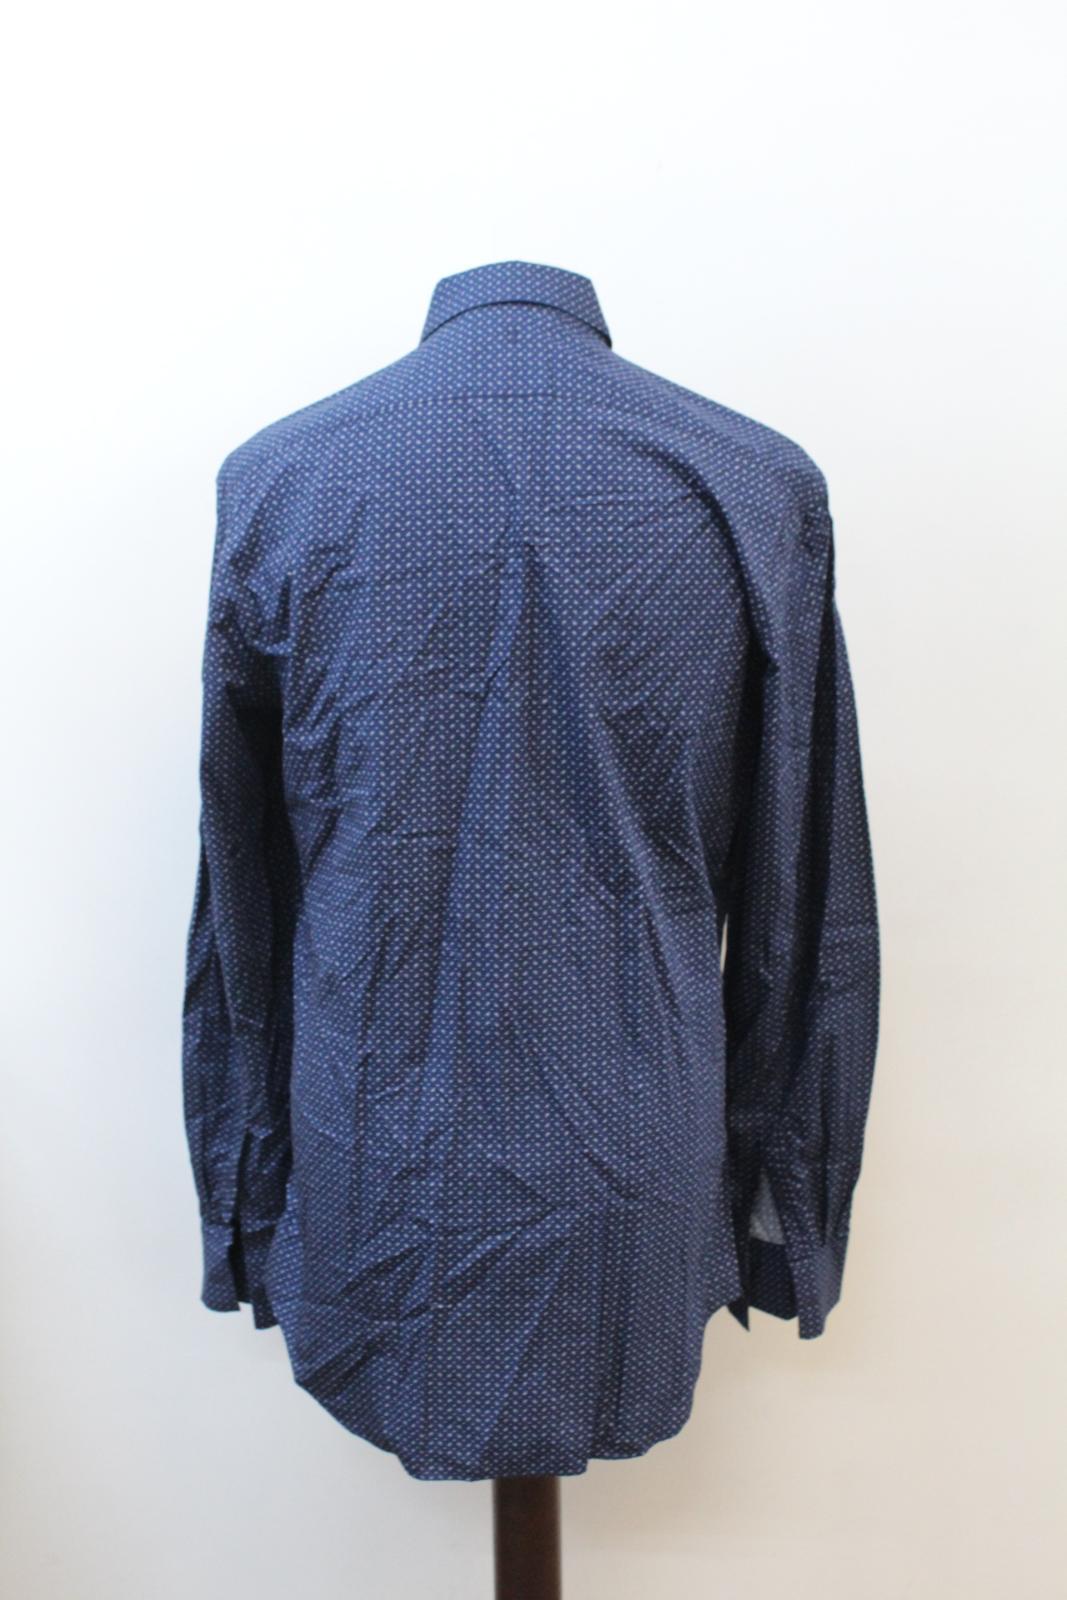 NEIL-BARRETT-Men-039-s-Navy-Blue-Paisley-Slim-Fit-Formal-Shirt-Collar-16-5-034-42cm miniatura 5